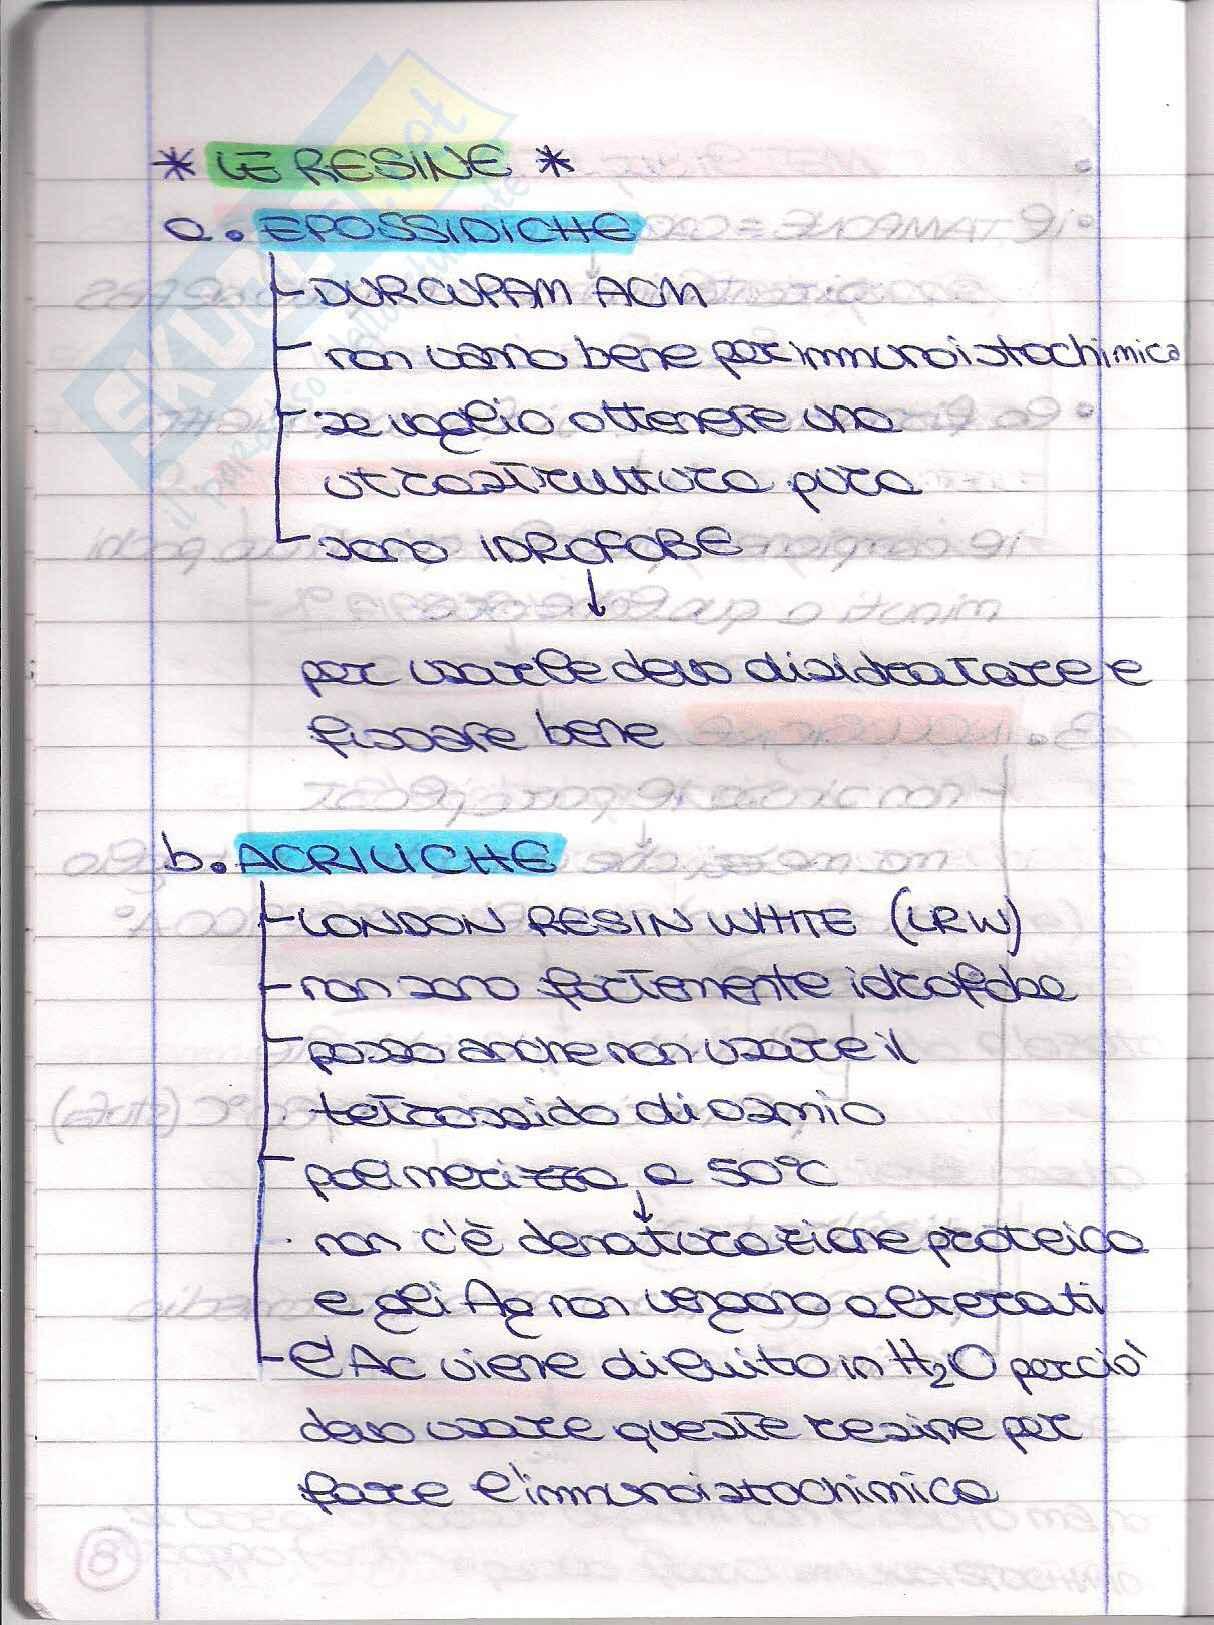 Struttura e Funzione dell'apparato Riproduttore - Appunti Pag. 16